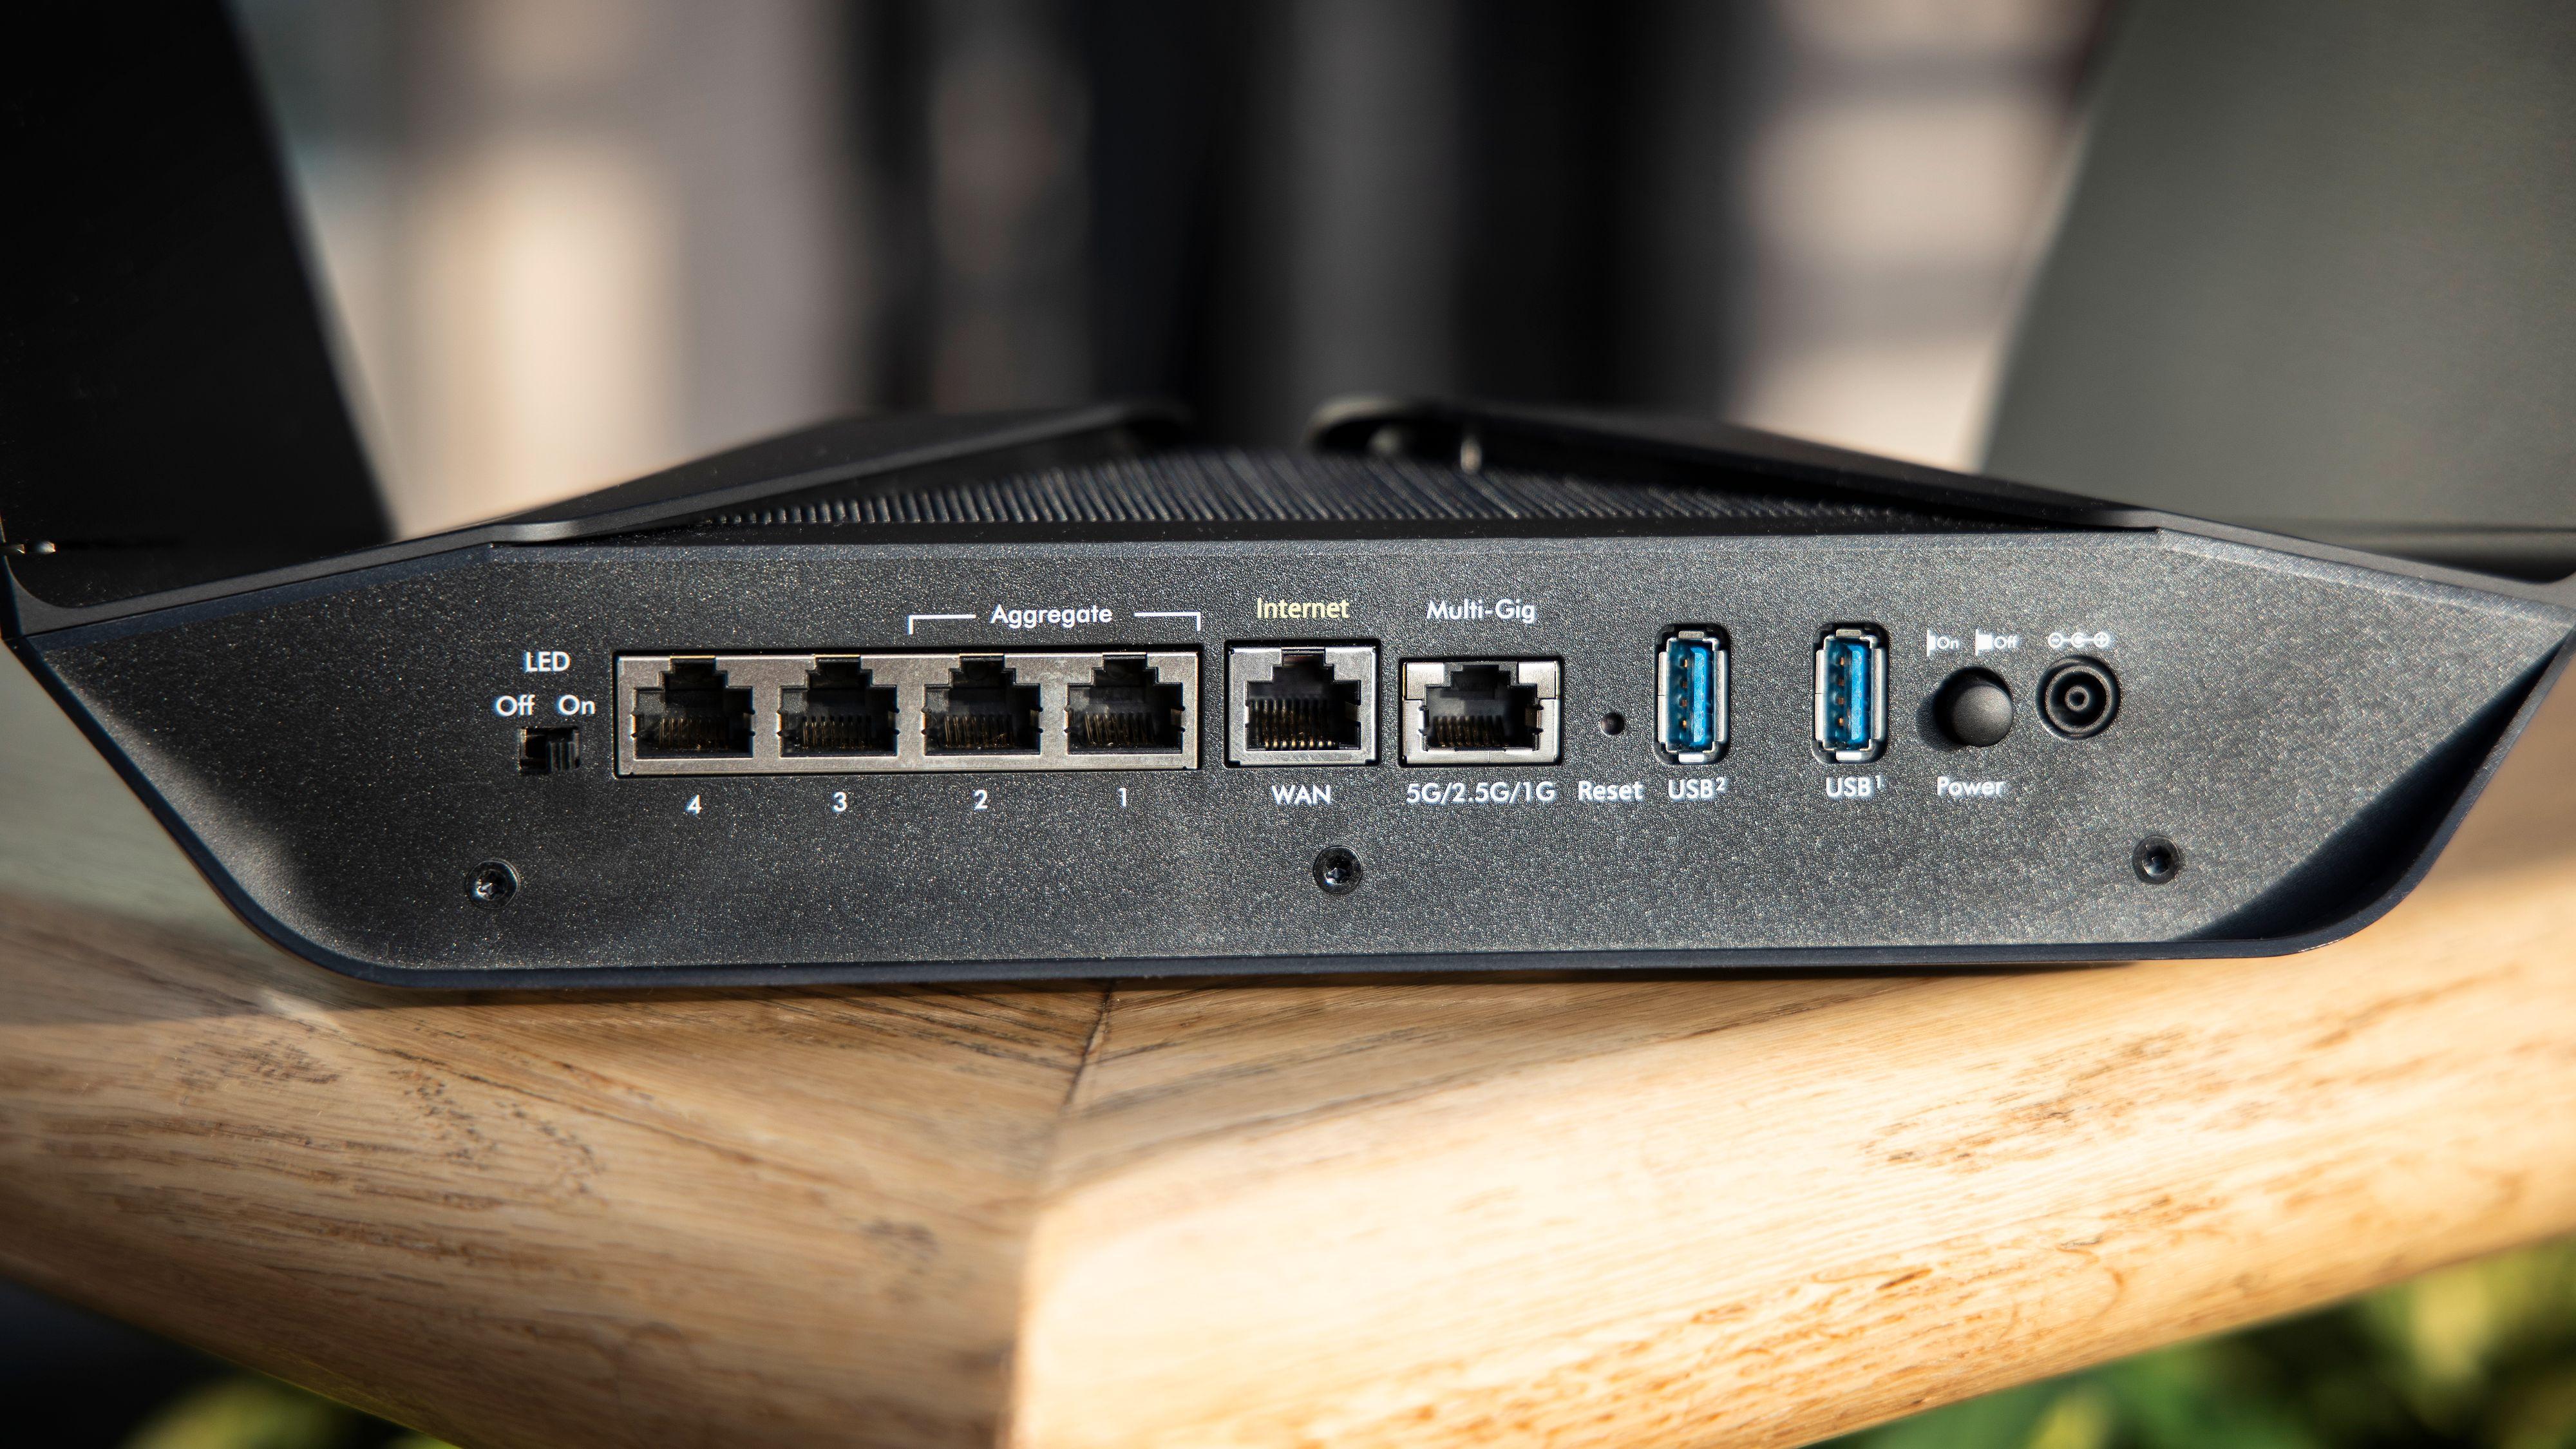 Netgear-ruteren har én WAN-port og fem LAN-porter, hvorav den ene LAN-porten takler inntil 5 Gbit/sek. To USB-A-porter lar deg koble til nettverksdisker og liknende.